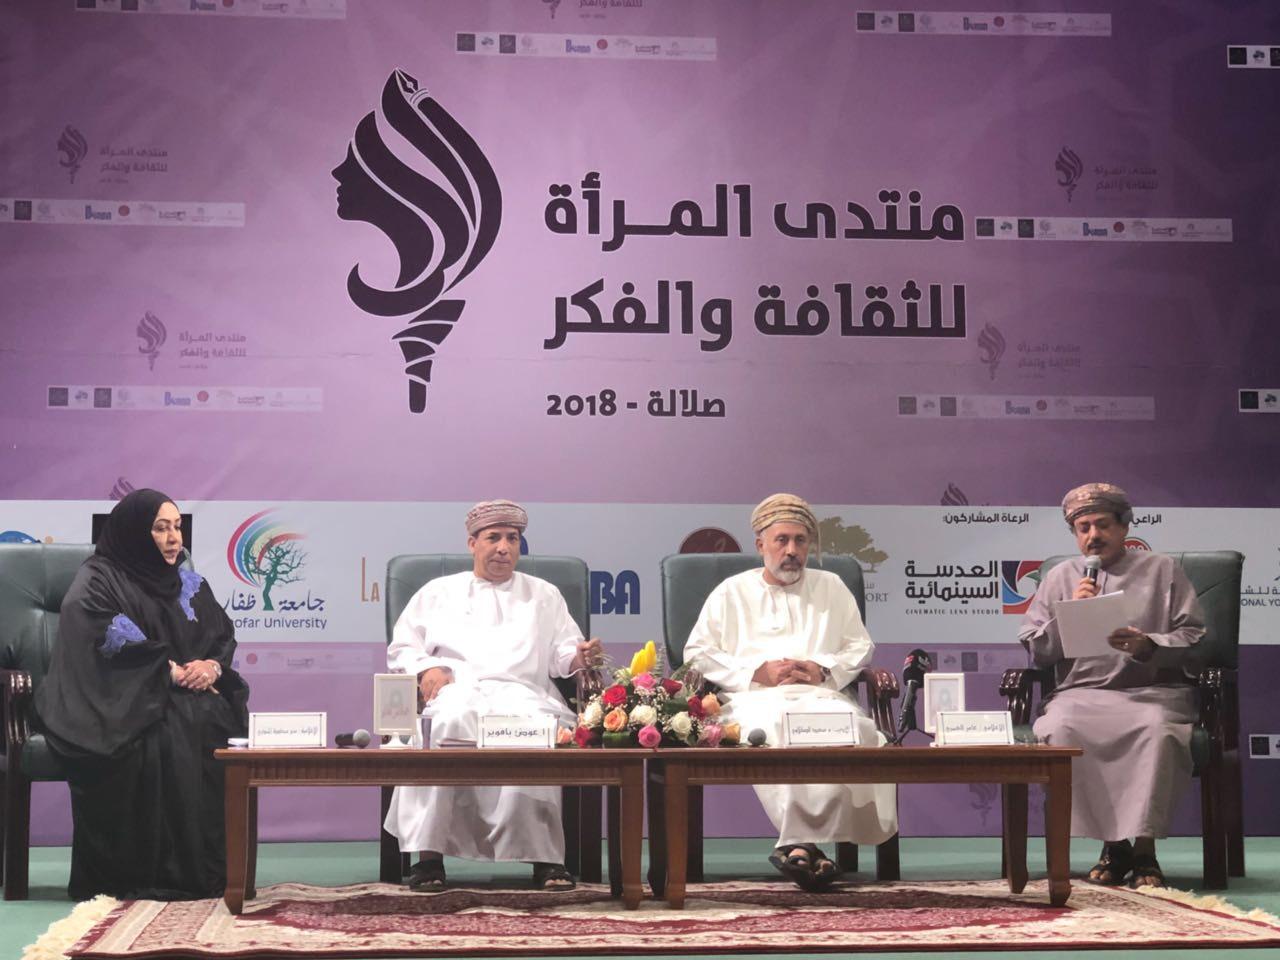 ندوة تأثير المرأة في تعزيز المجال الثقافي بصلالة